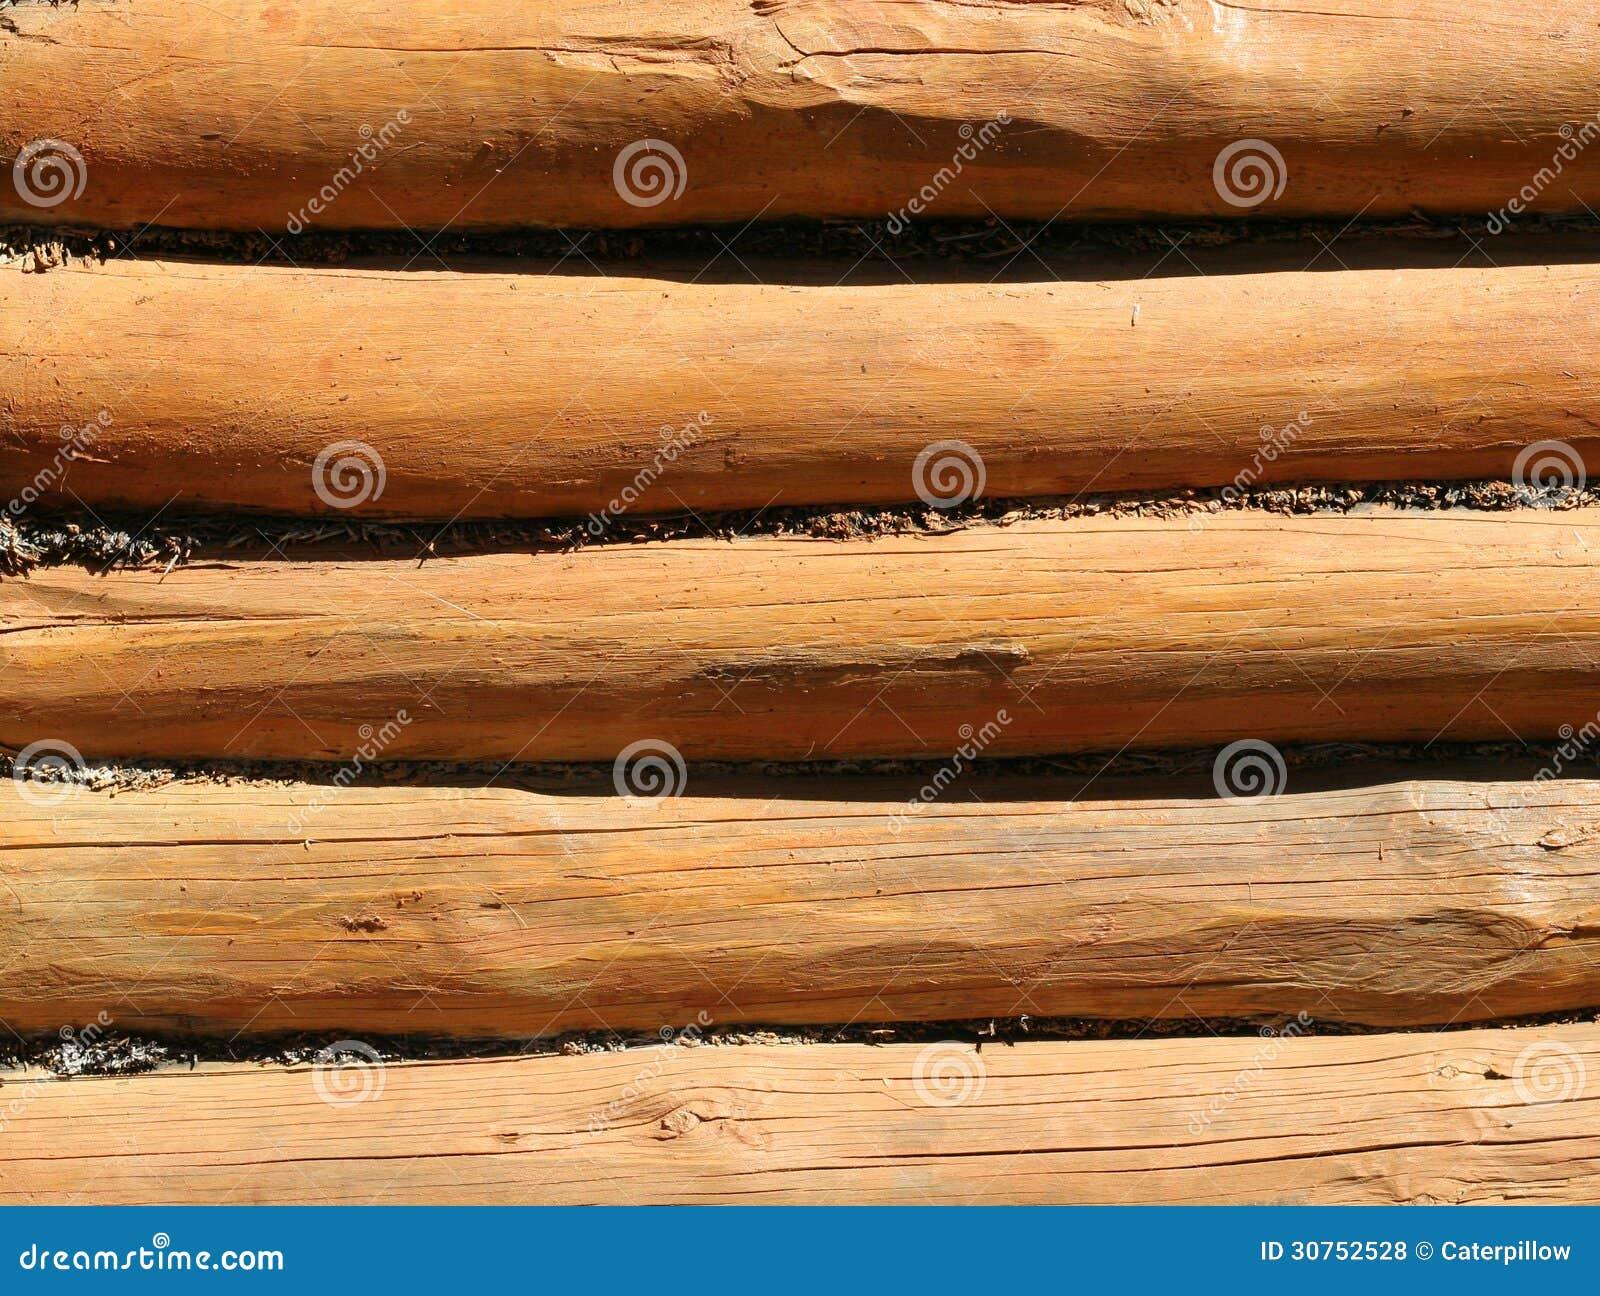 texture de vieux rondins en bois photos libres de droits image 30752528. Black Bedroom Furniture Sets. Home Design Ideas